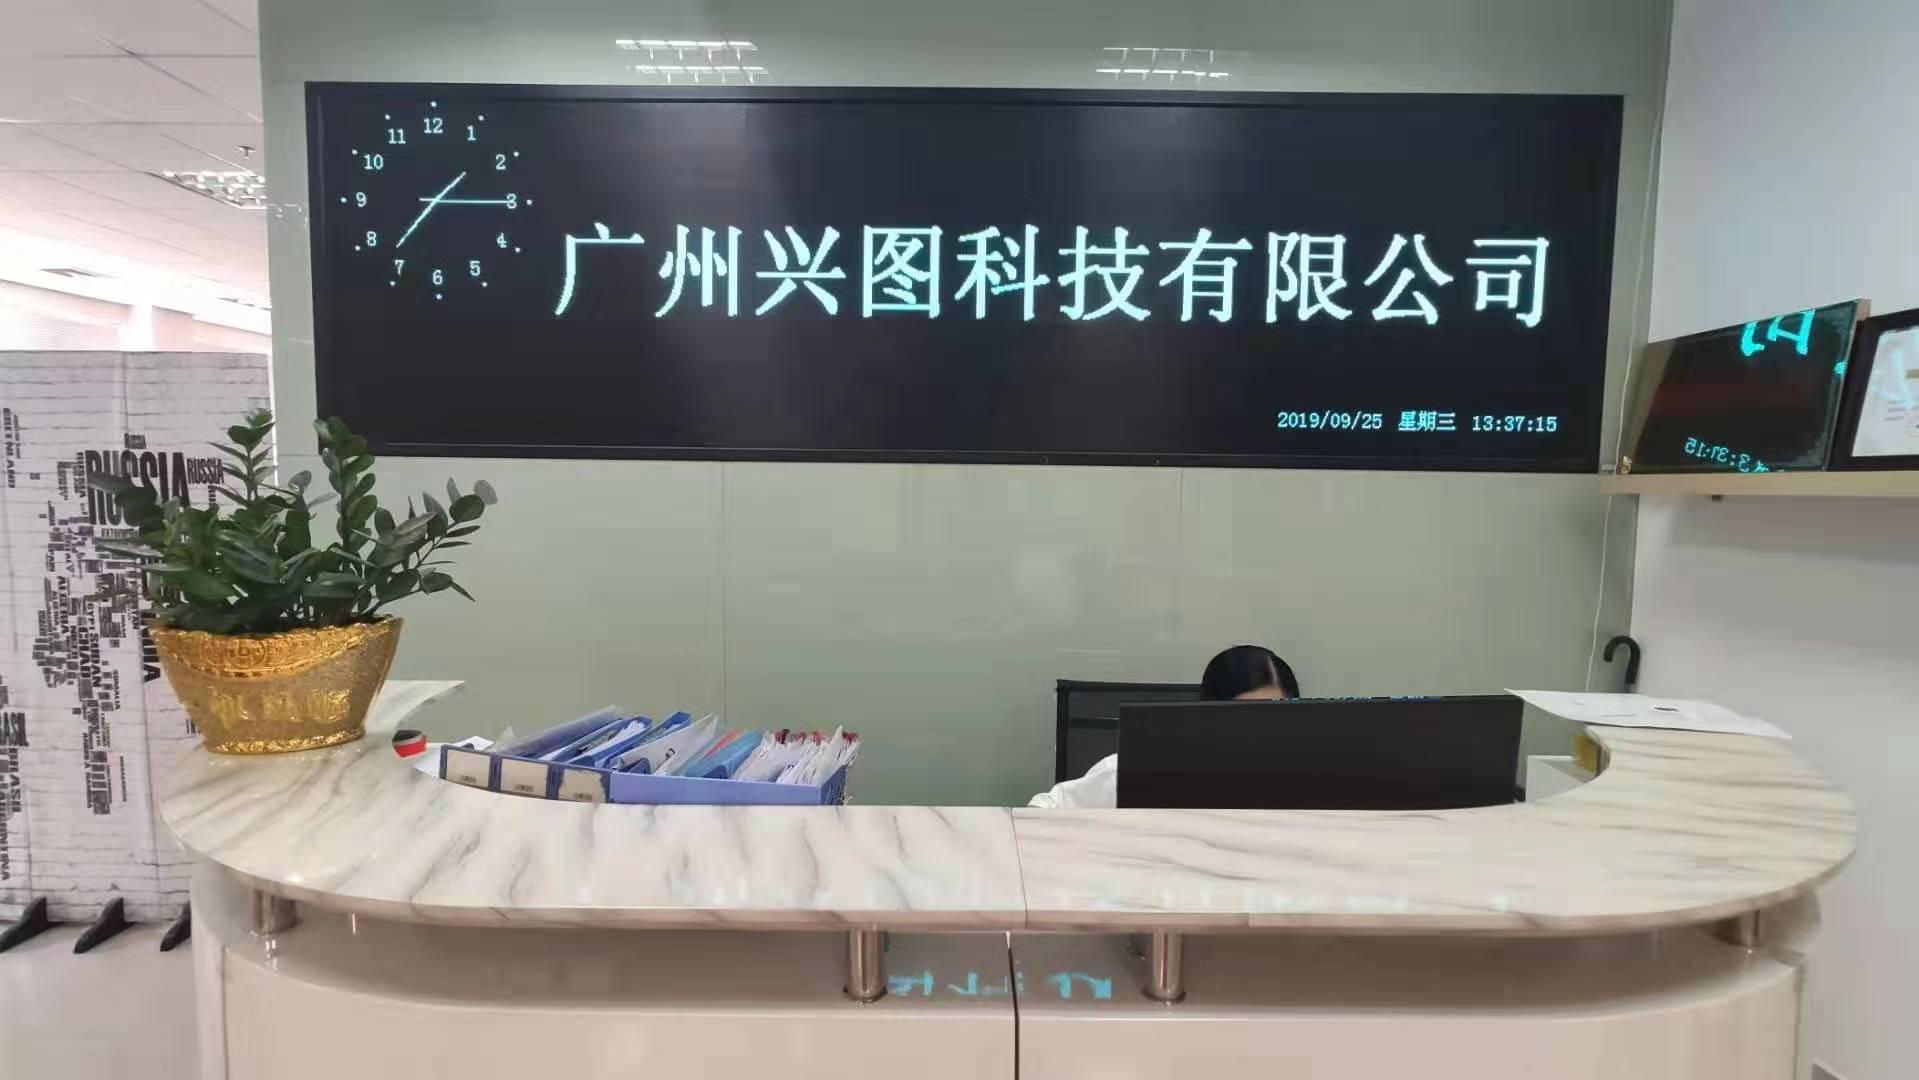 广州兴图科技有限公司简介